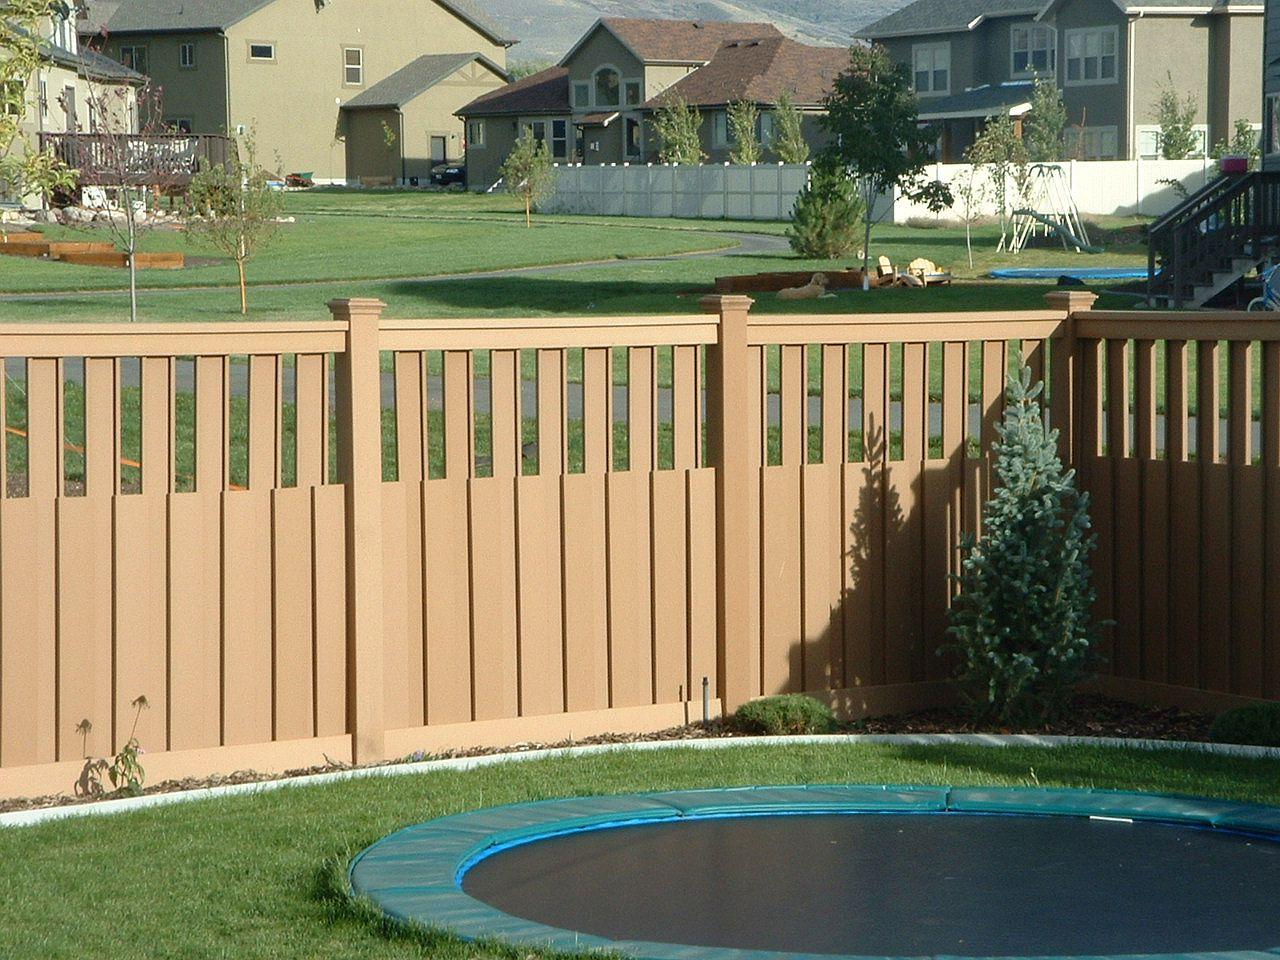 Backyard fencing ideas homesfeed for Outdoor garden fence ideas